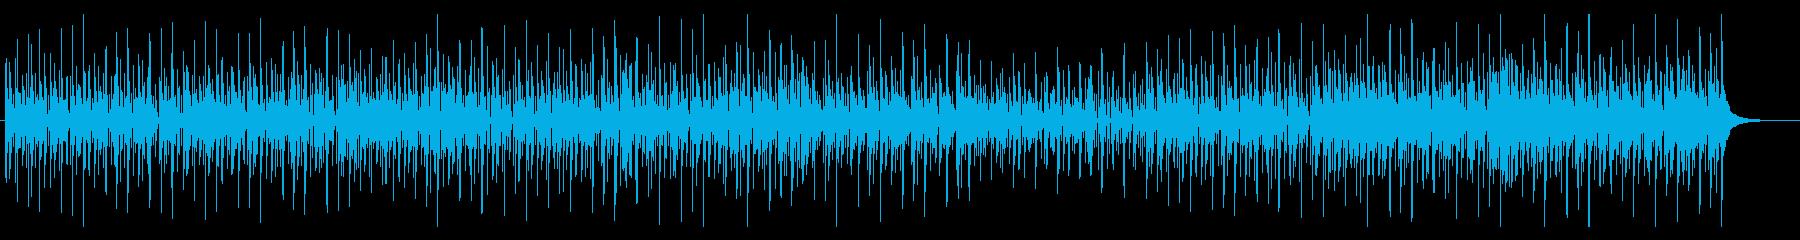 ジングルベル 和テイスト カラオケの再生済みの波形